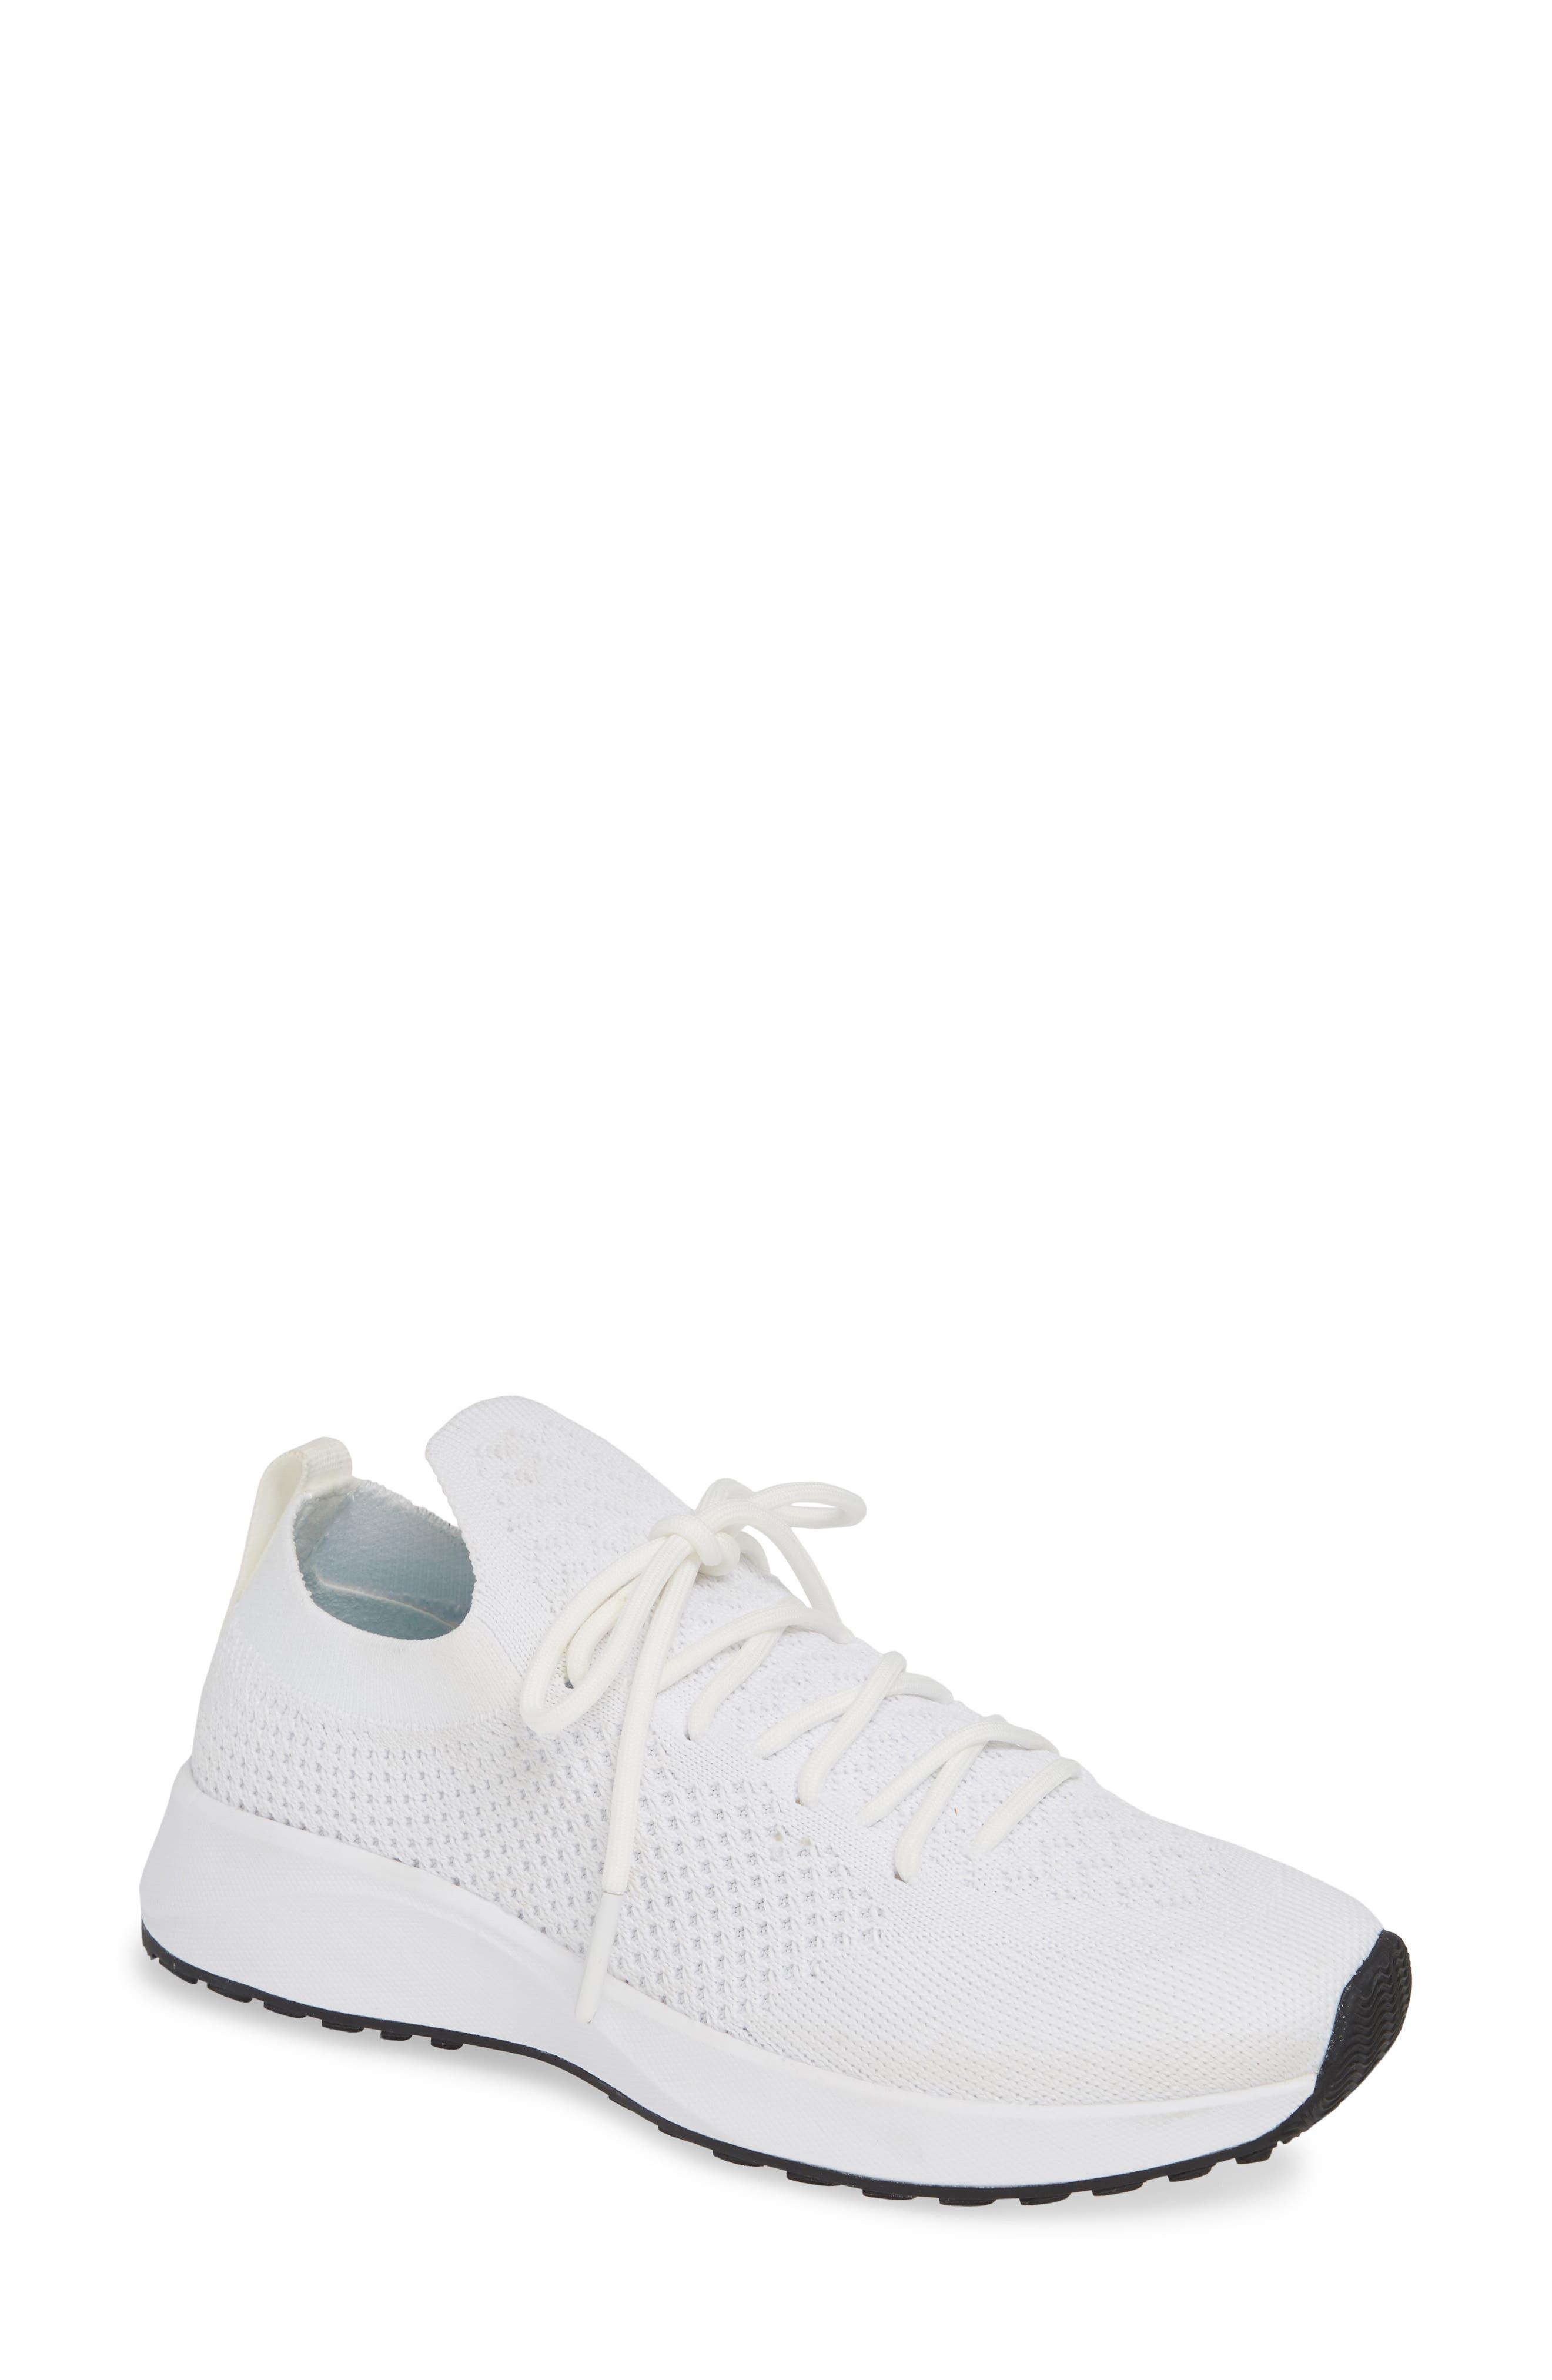 Native Shoes Mercury 2.0 Liteknit Sneaker, White